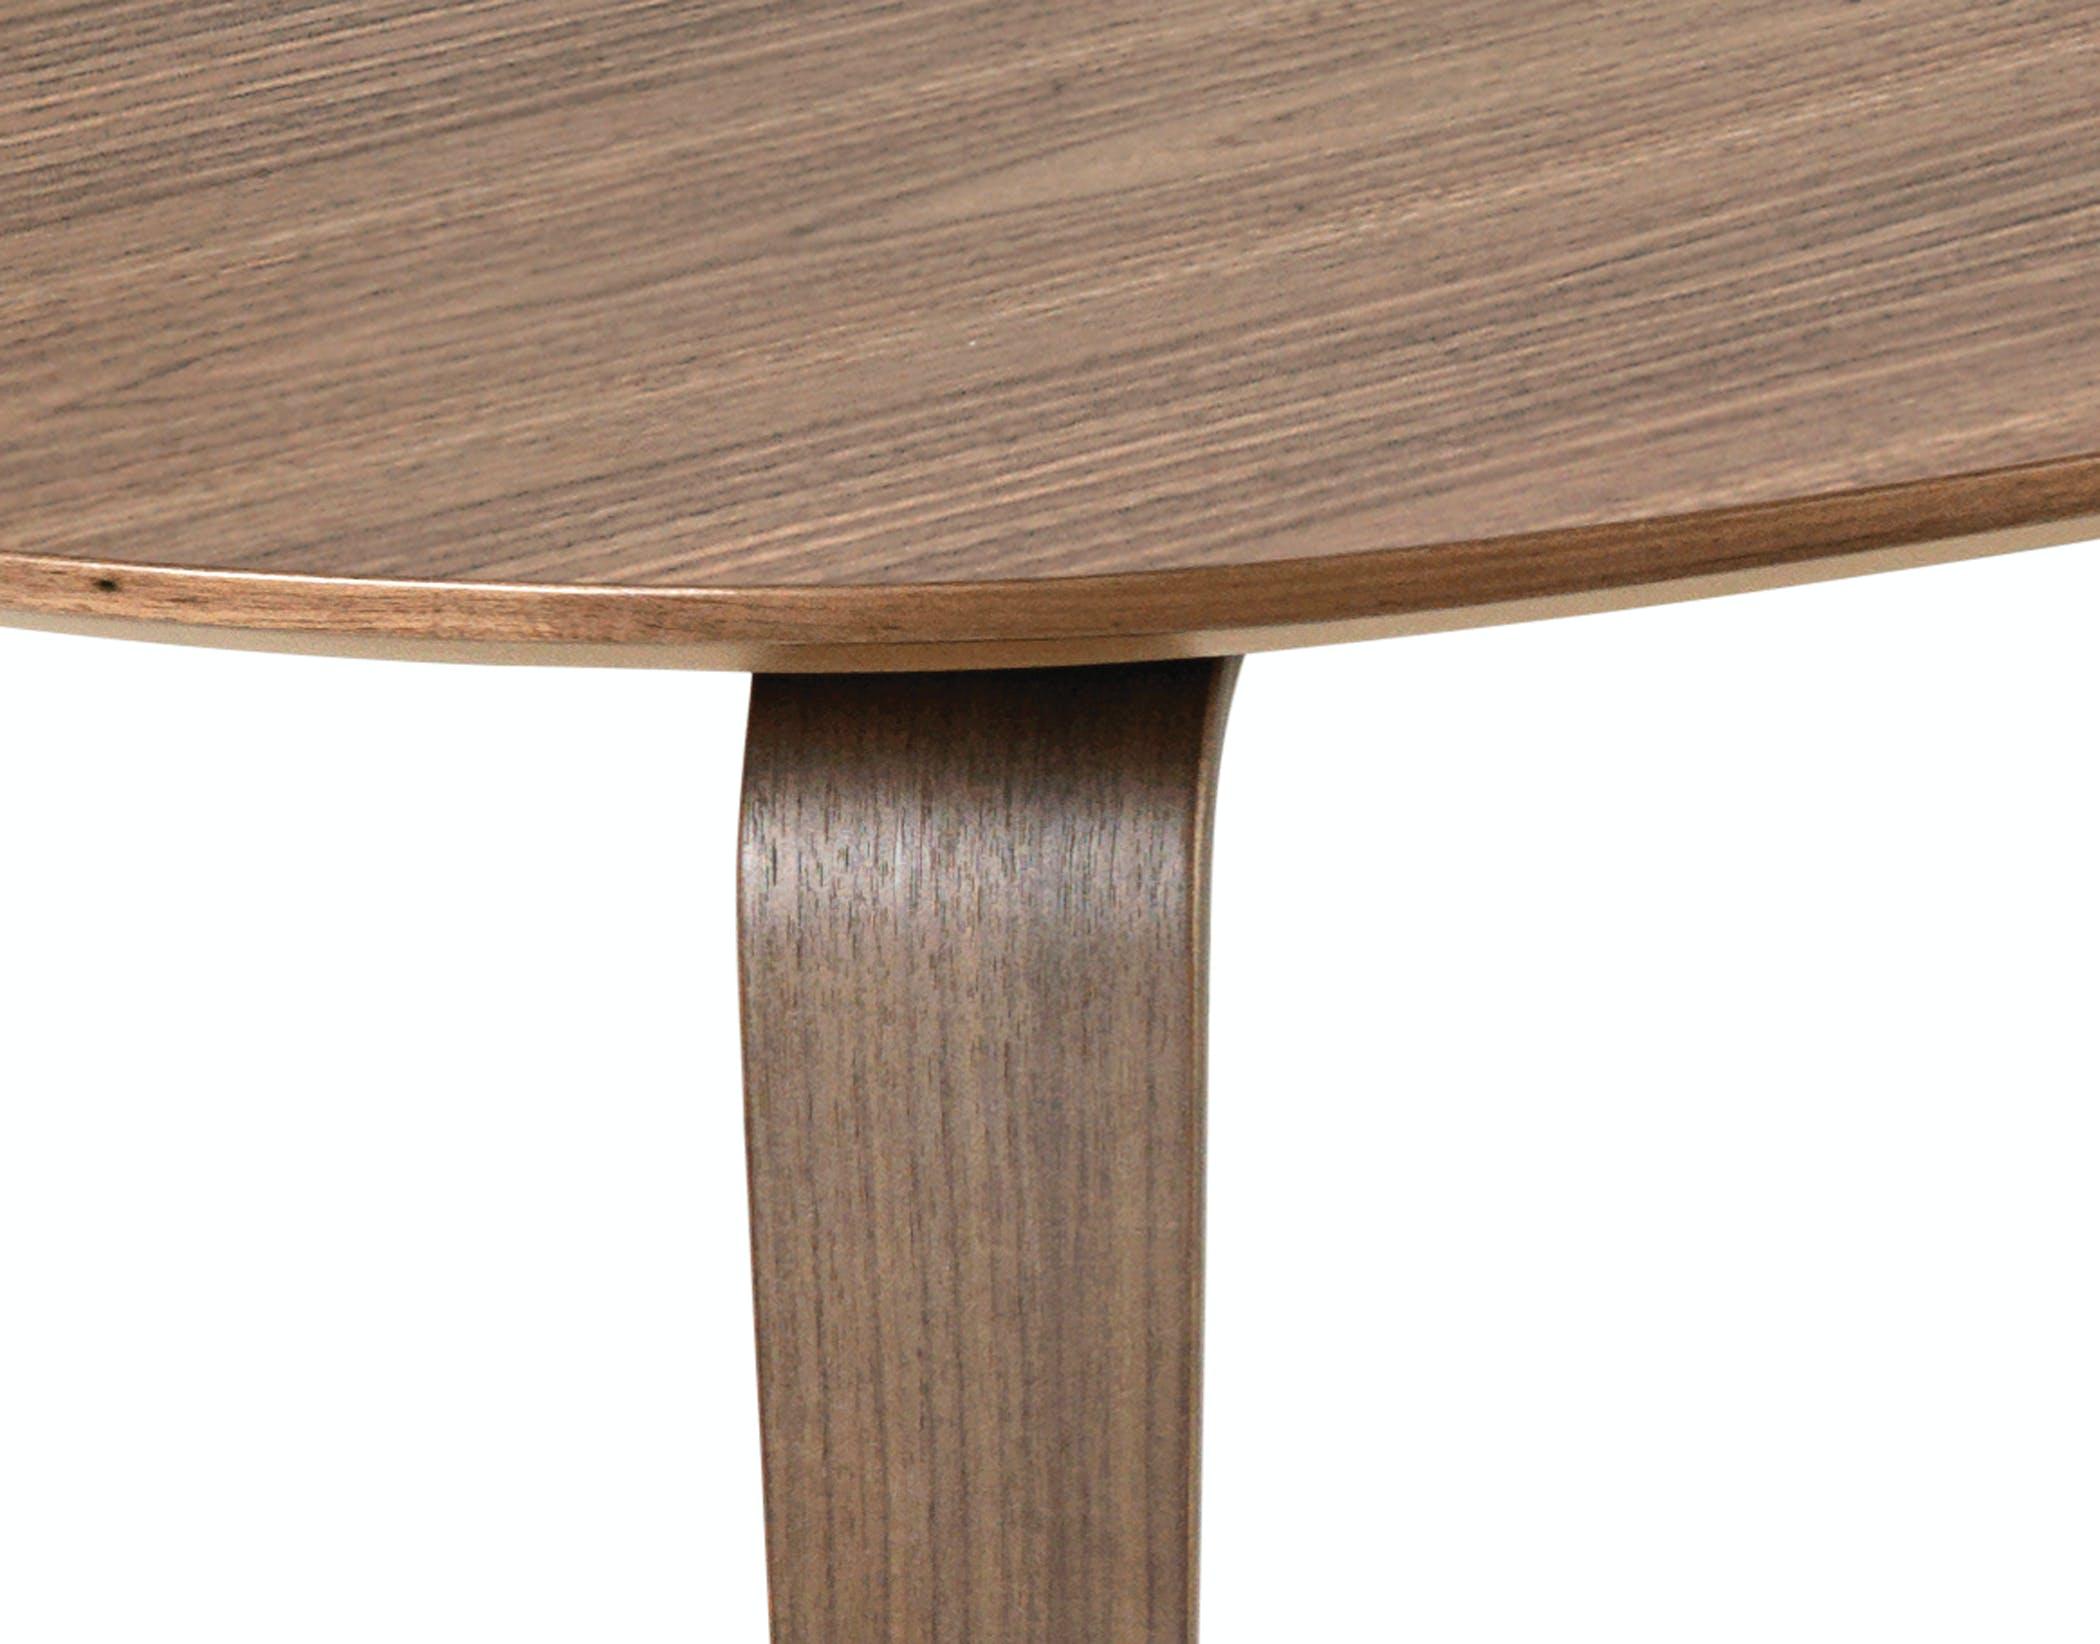 Gubi Table Elliptical Walnut 72Dpi Rgb Detail